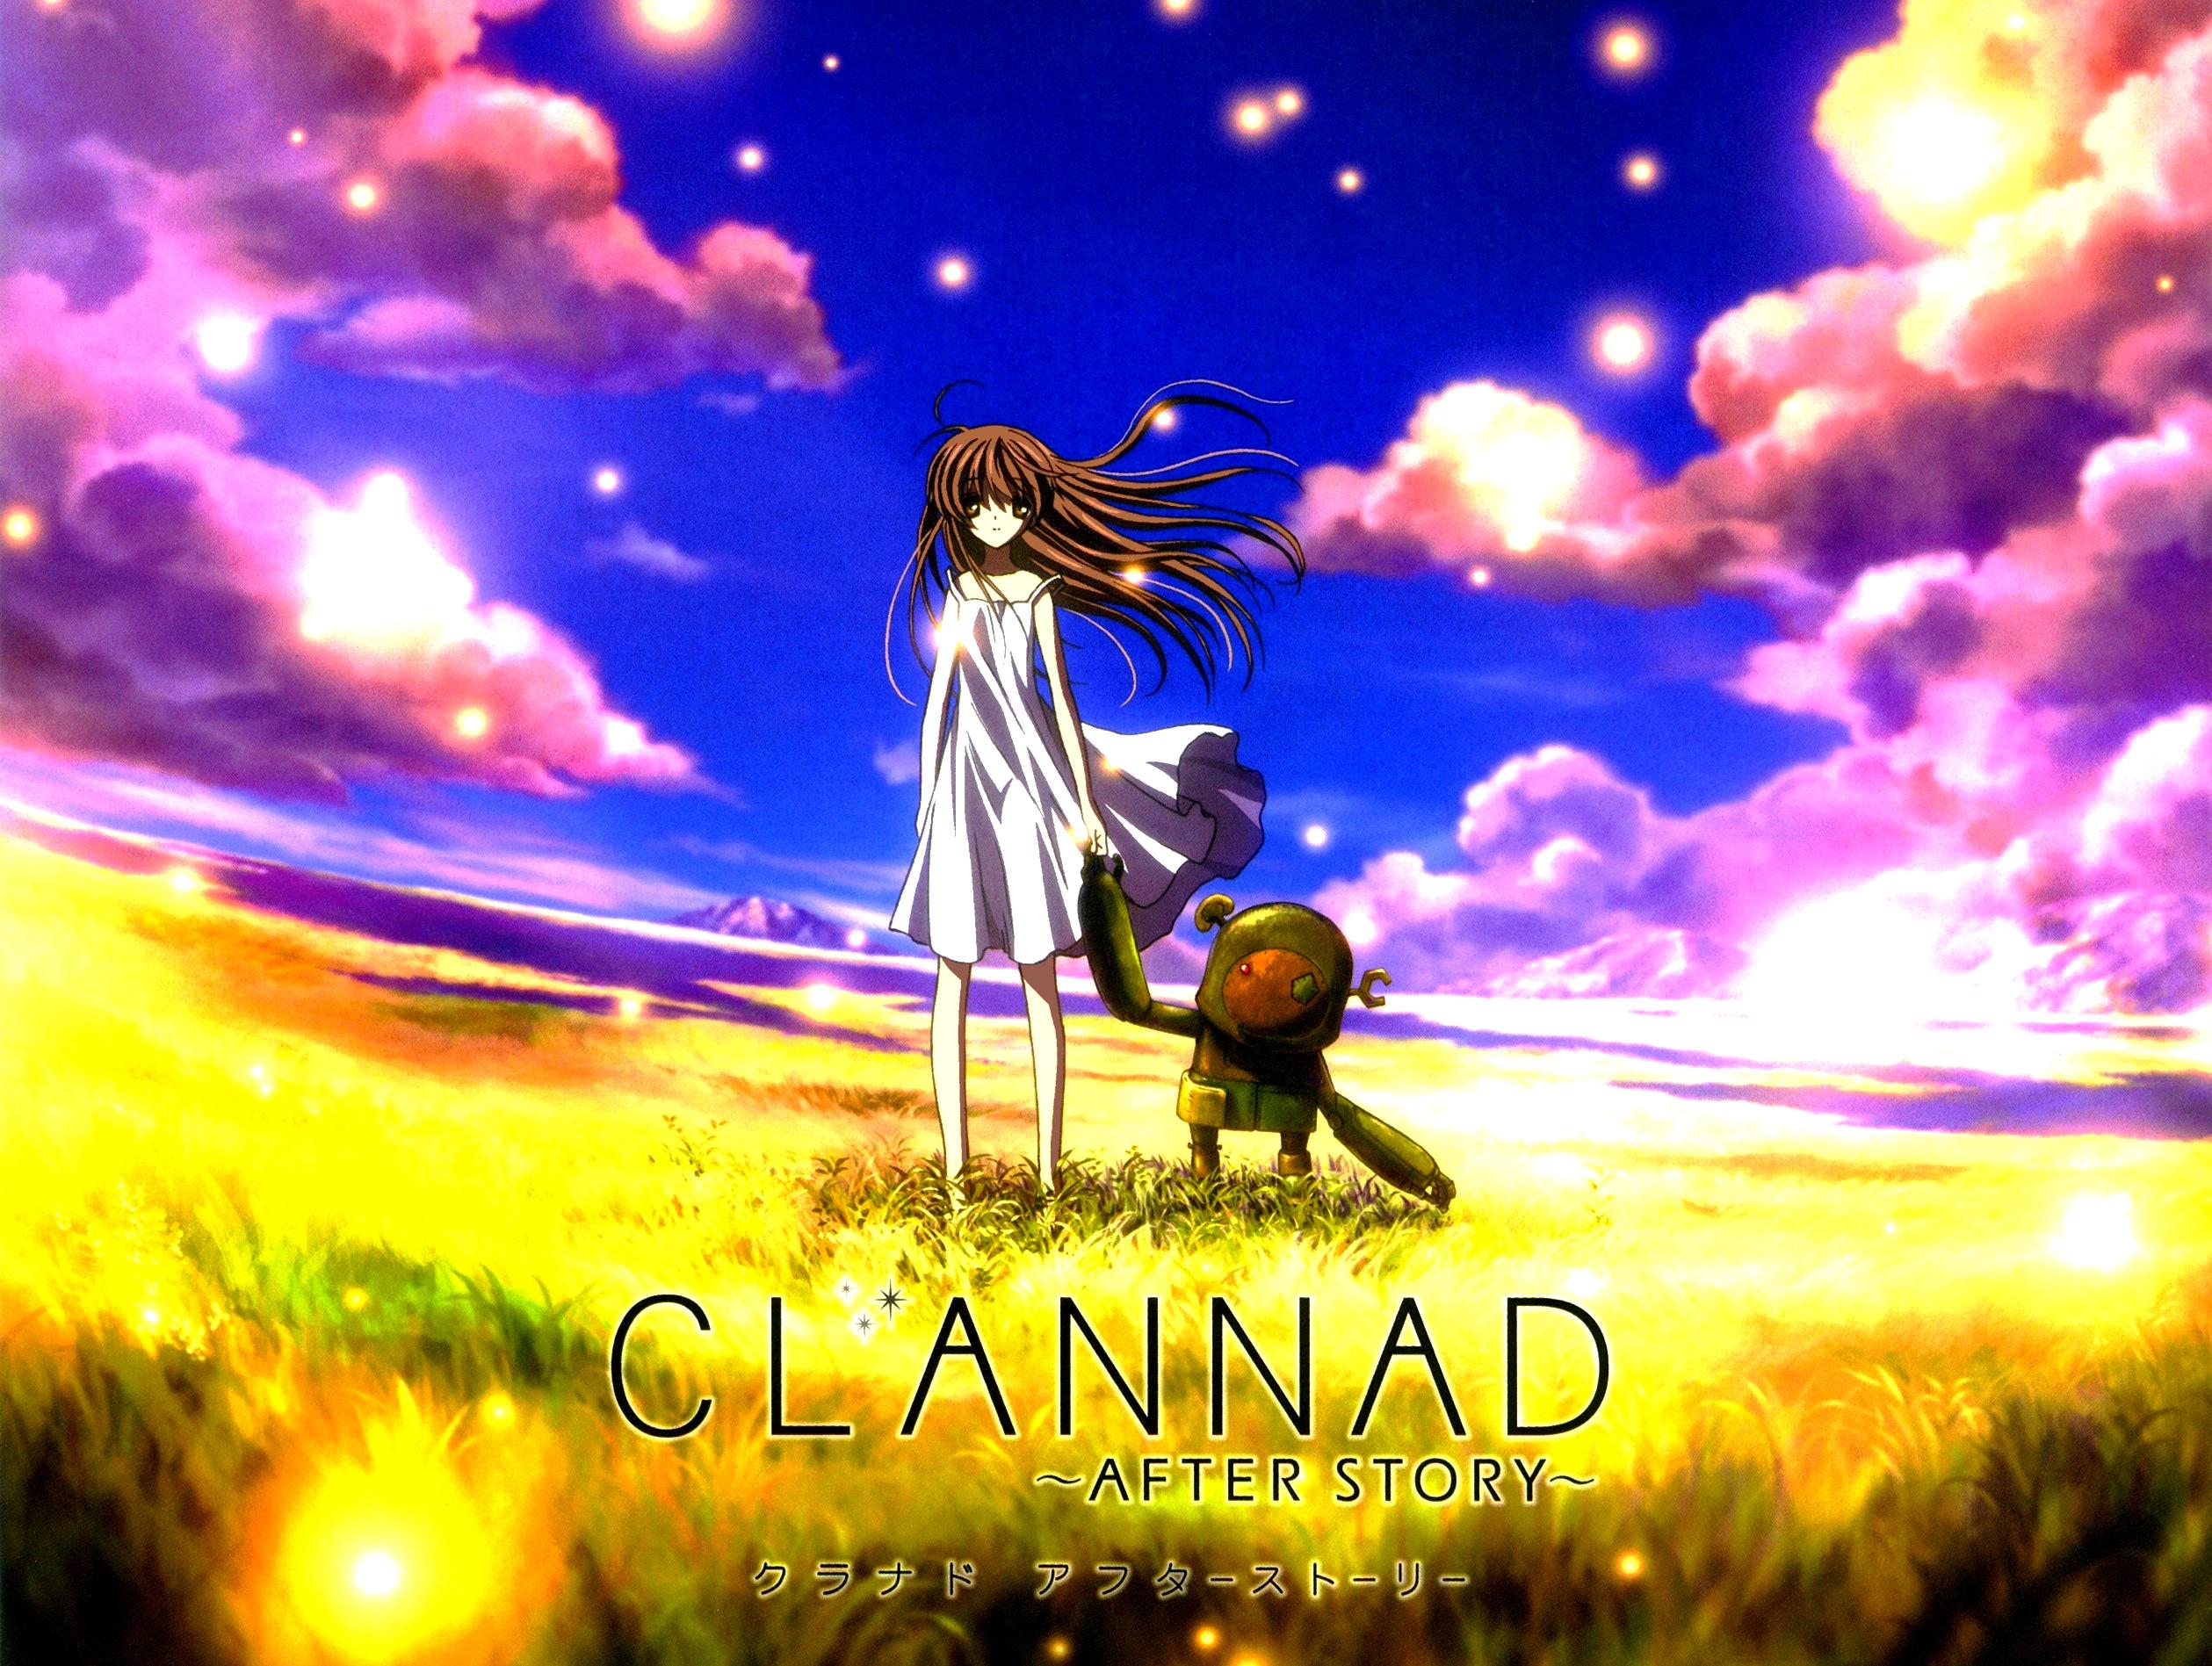 Clannad Wallpaper 2518x1897 Clannad 2518x1897